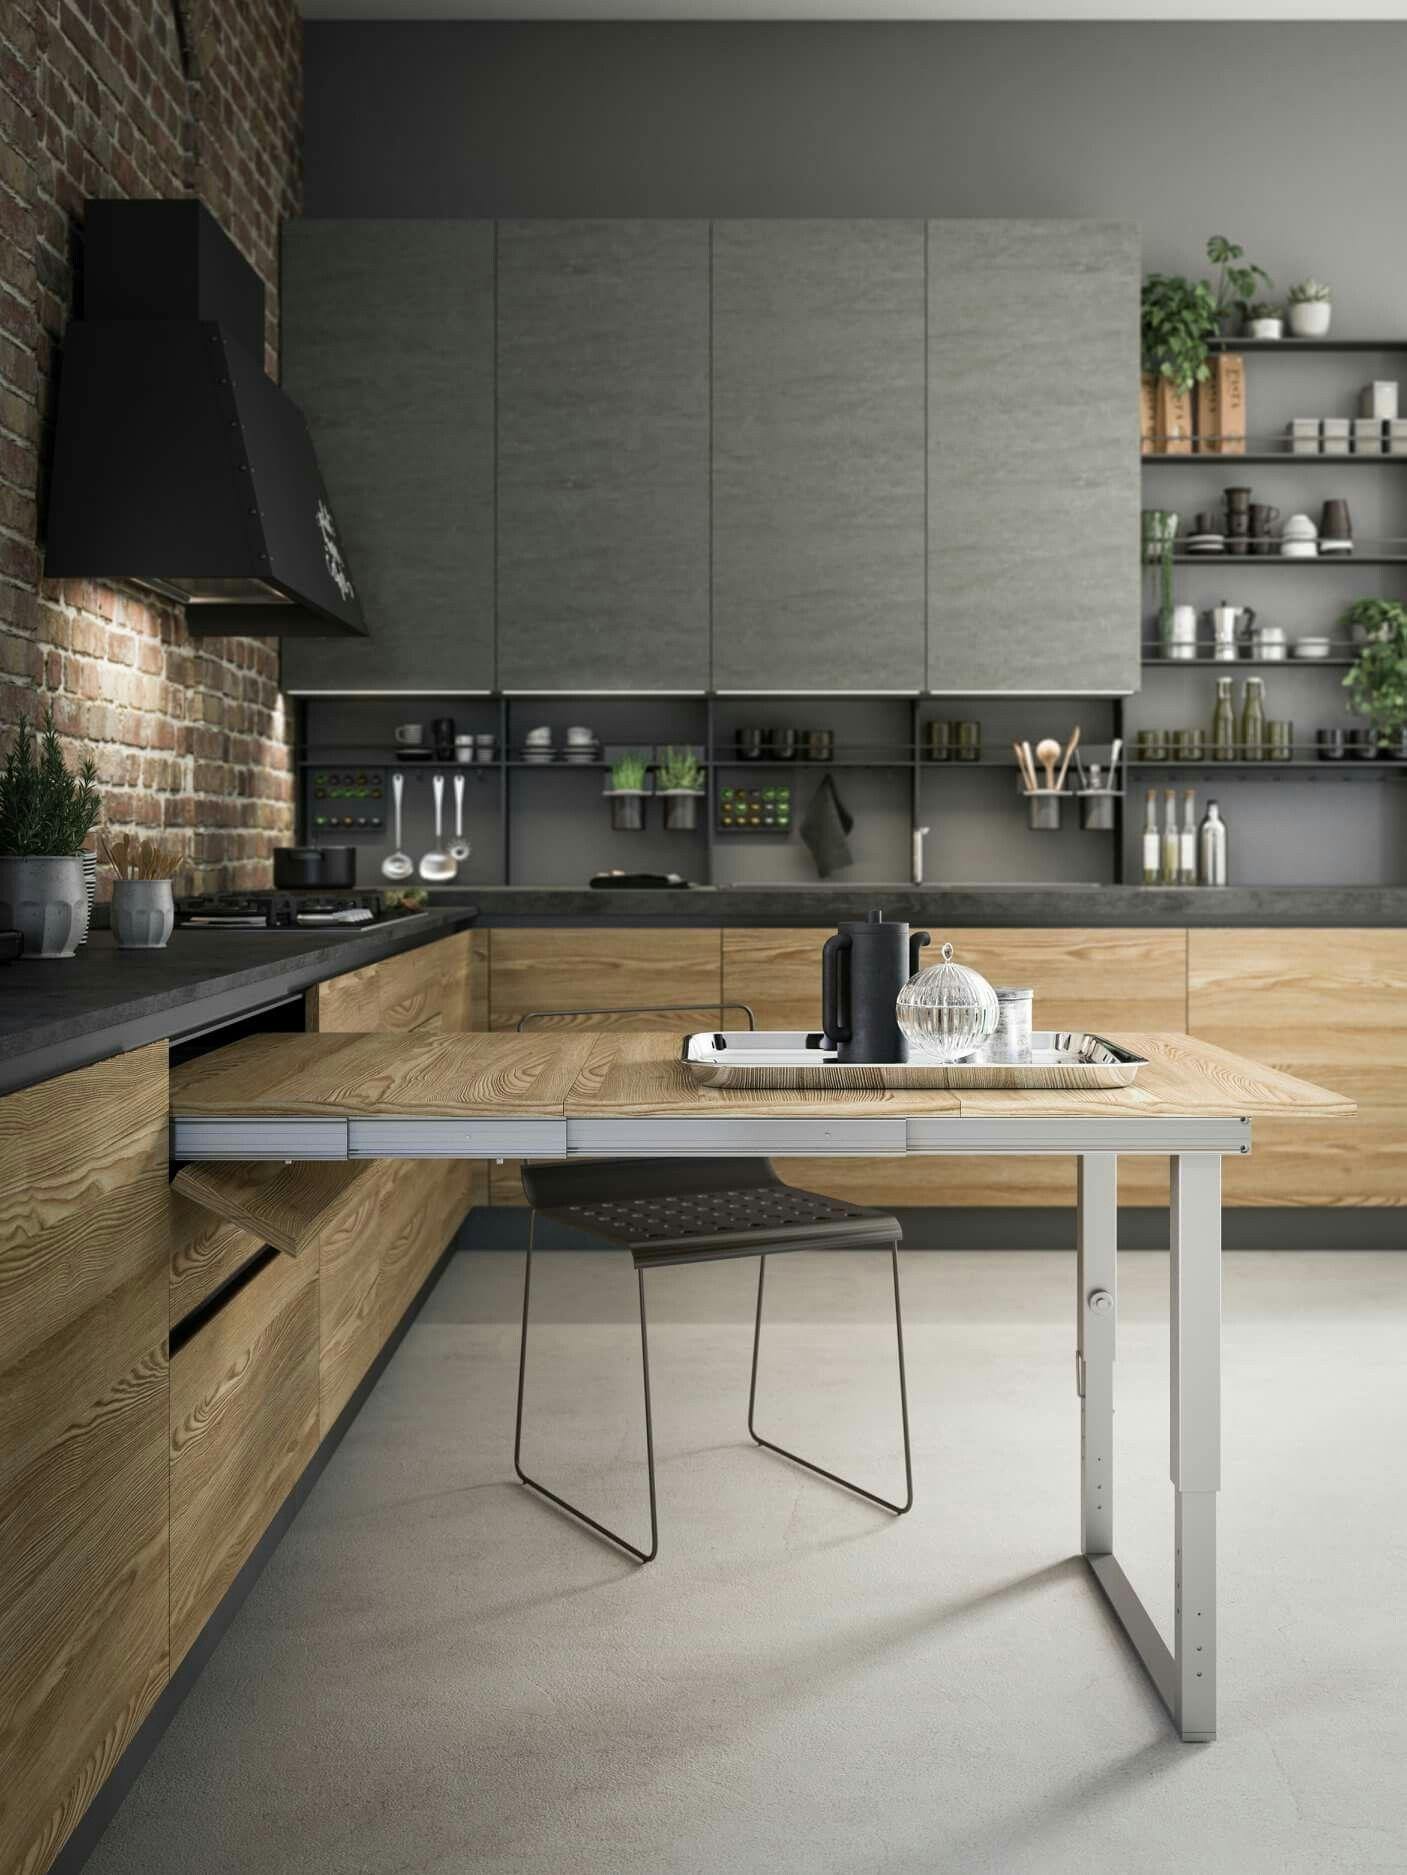 Epingle Par רוזי גרינשפן Sur Kitchens Avec Images Cuisine